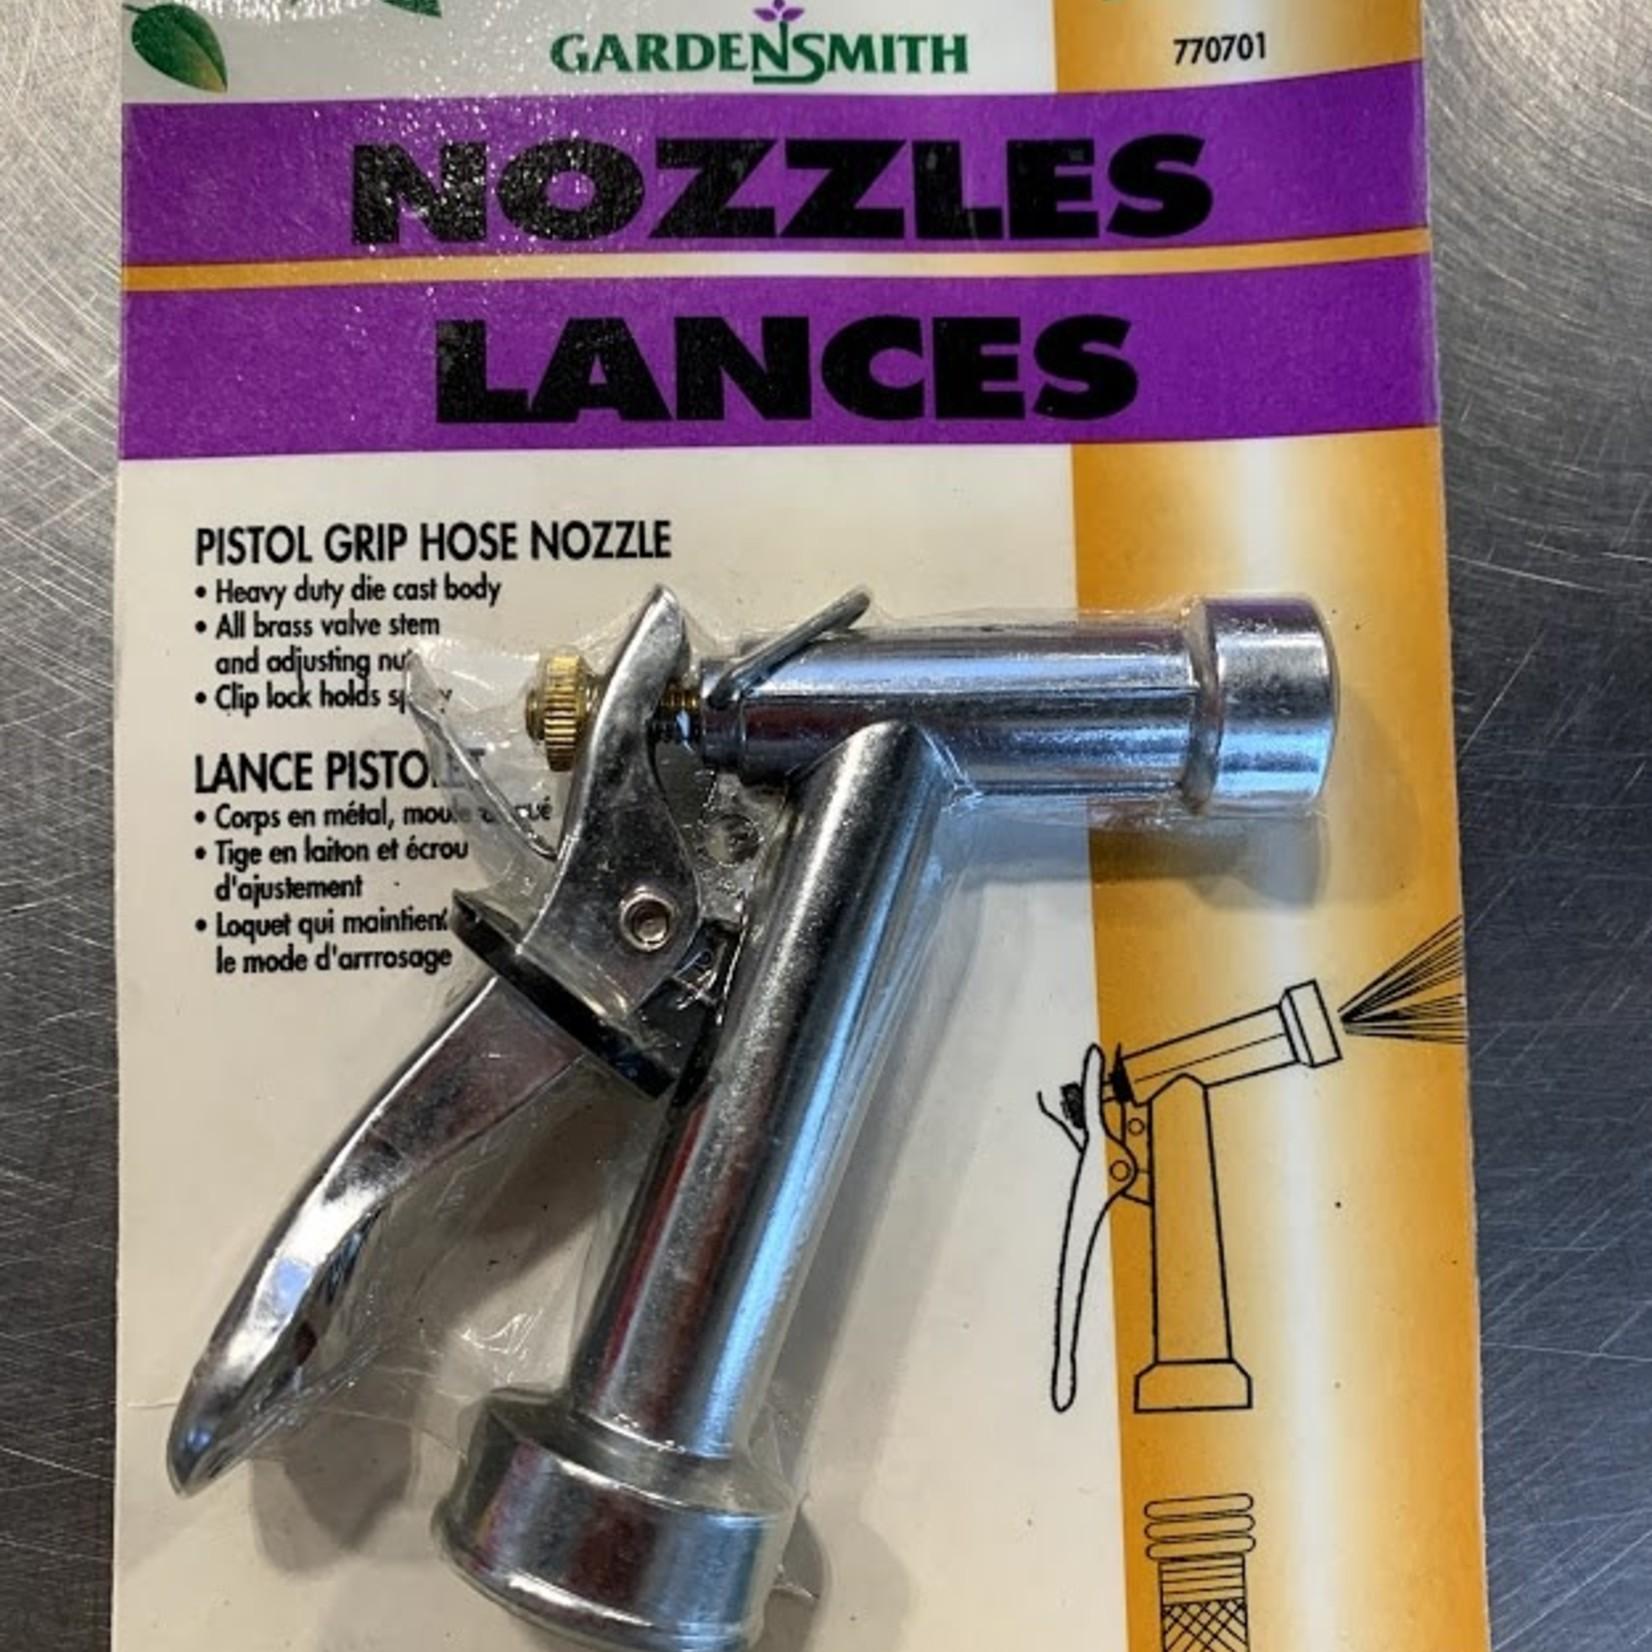 GardenSmith Pistol Grip Hose Nozzle